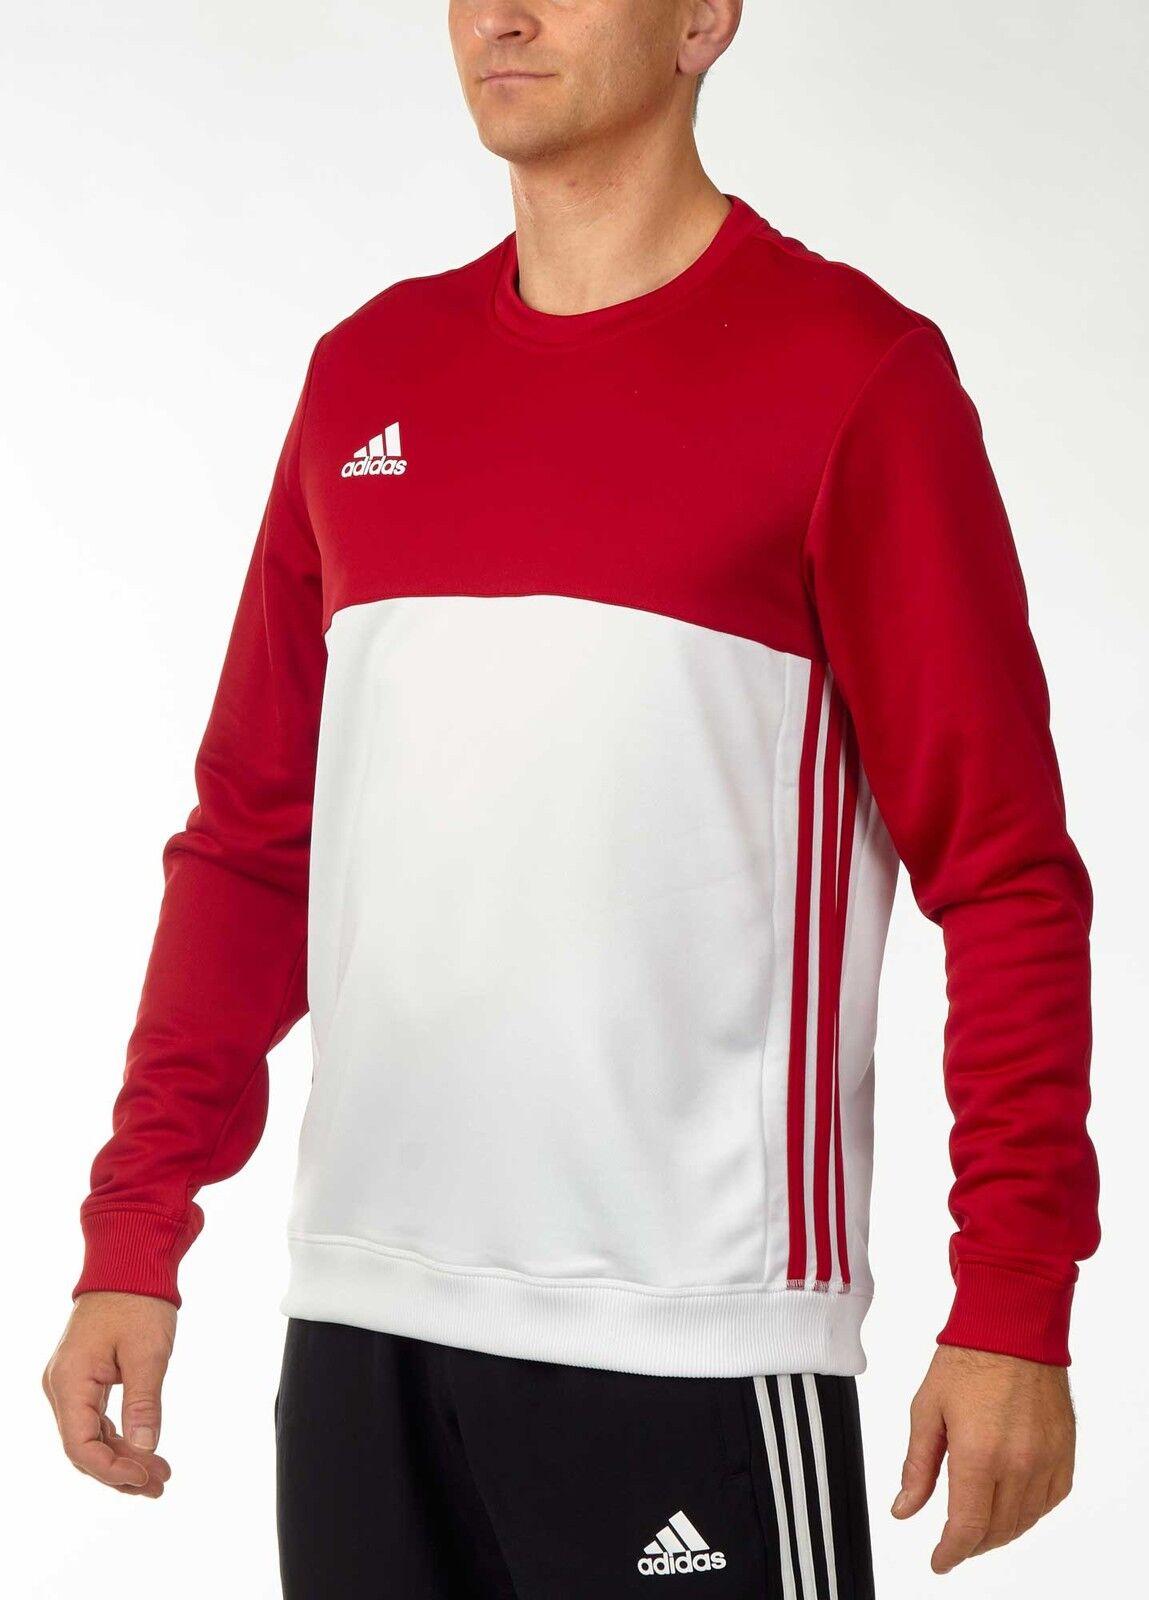 Adidas T16 Team schweißer Männer power rot weiß AJ5420